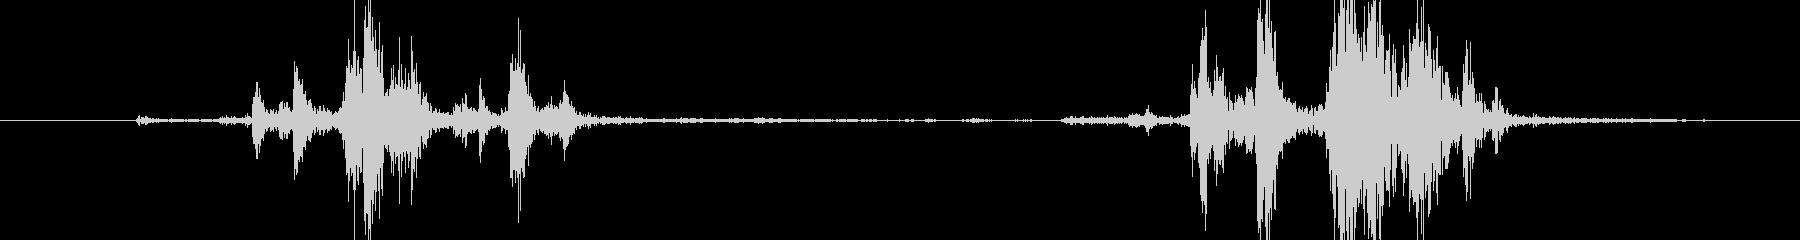 【戦場・戦争】 銃_60 ローディングの未再生の波形